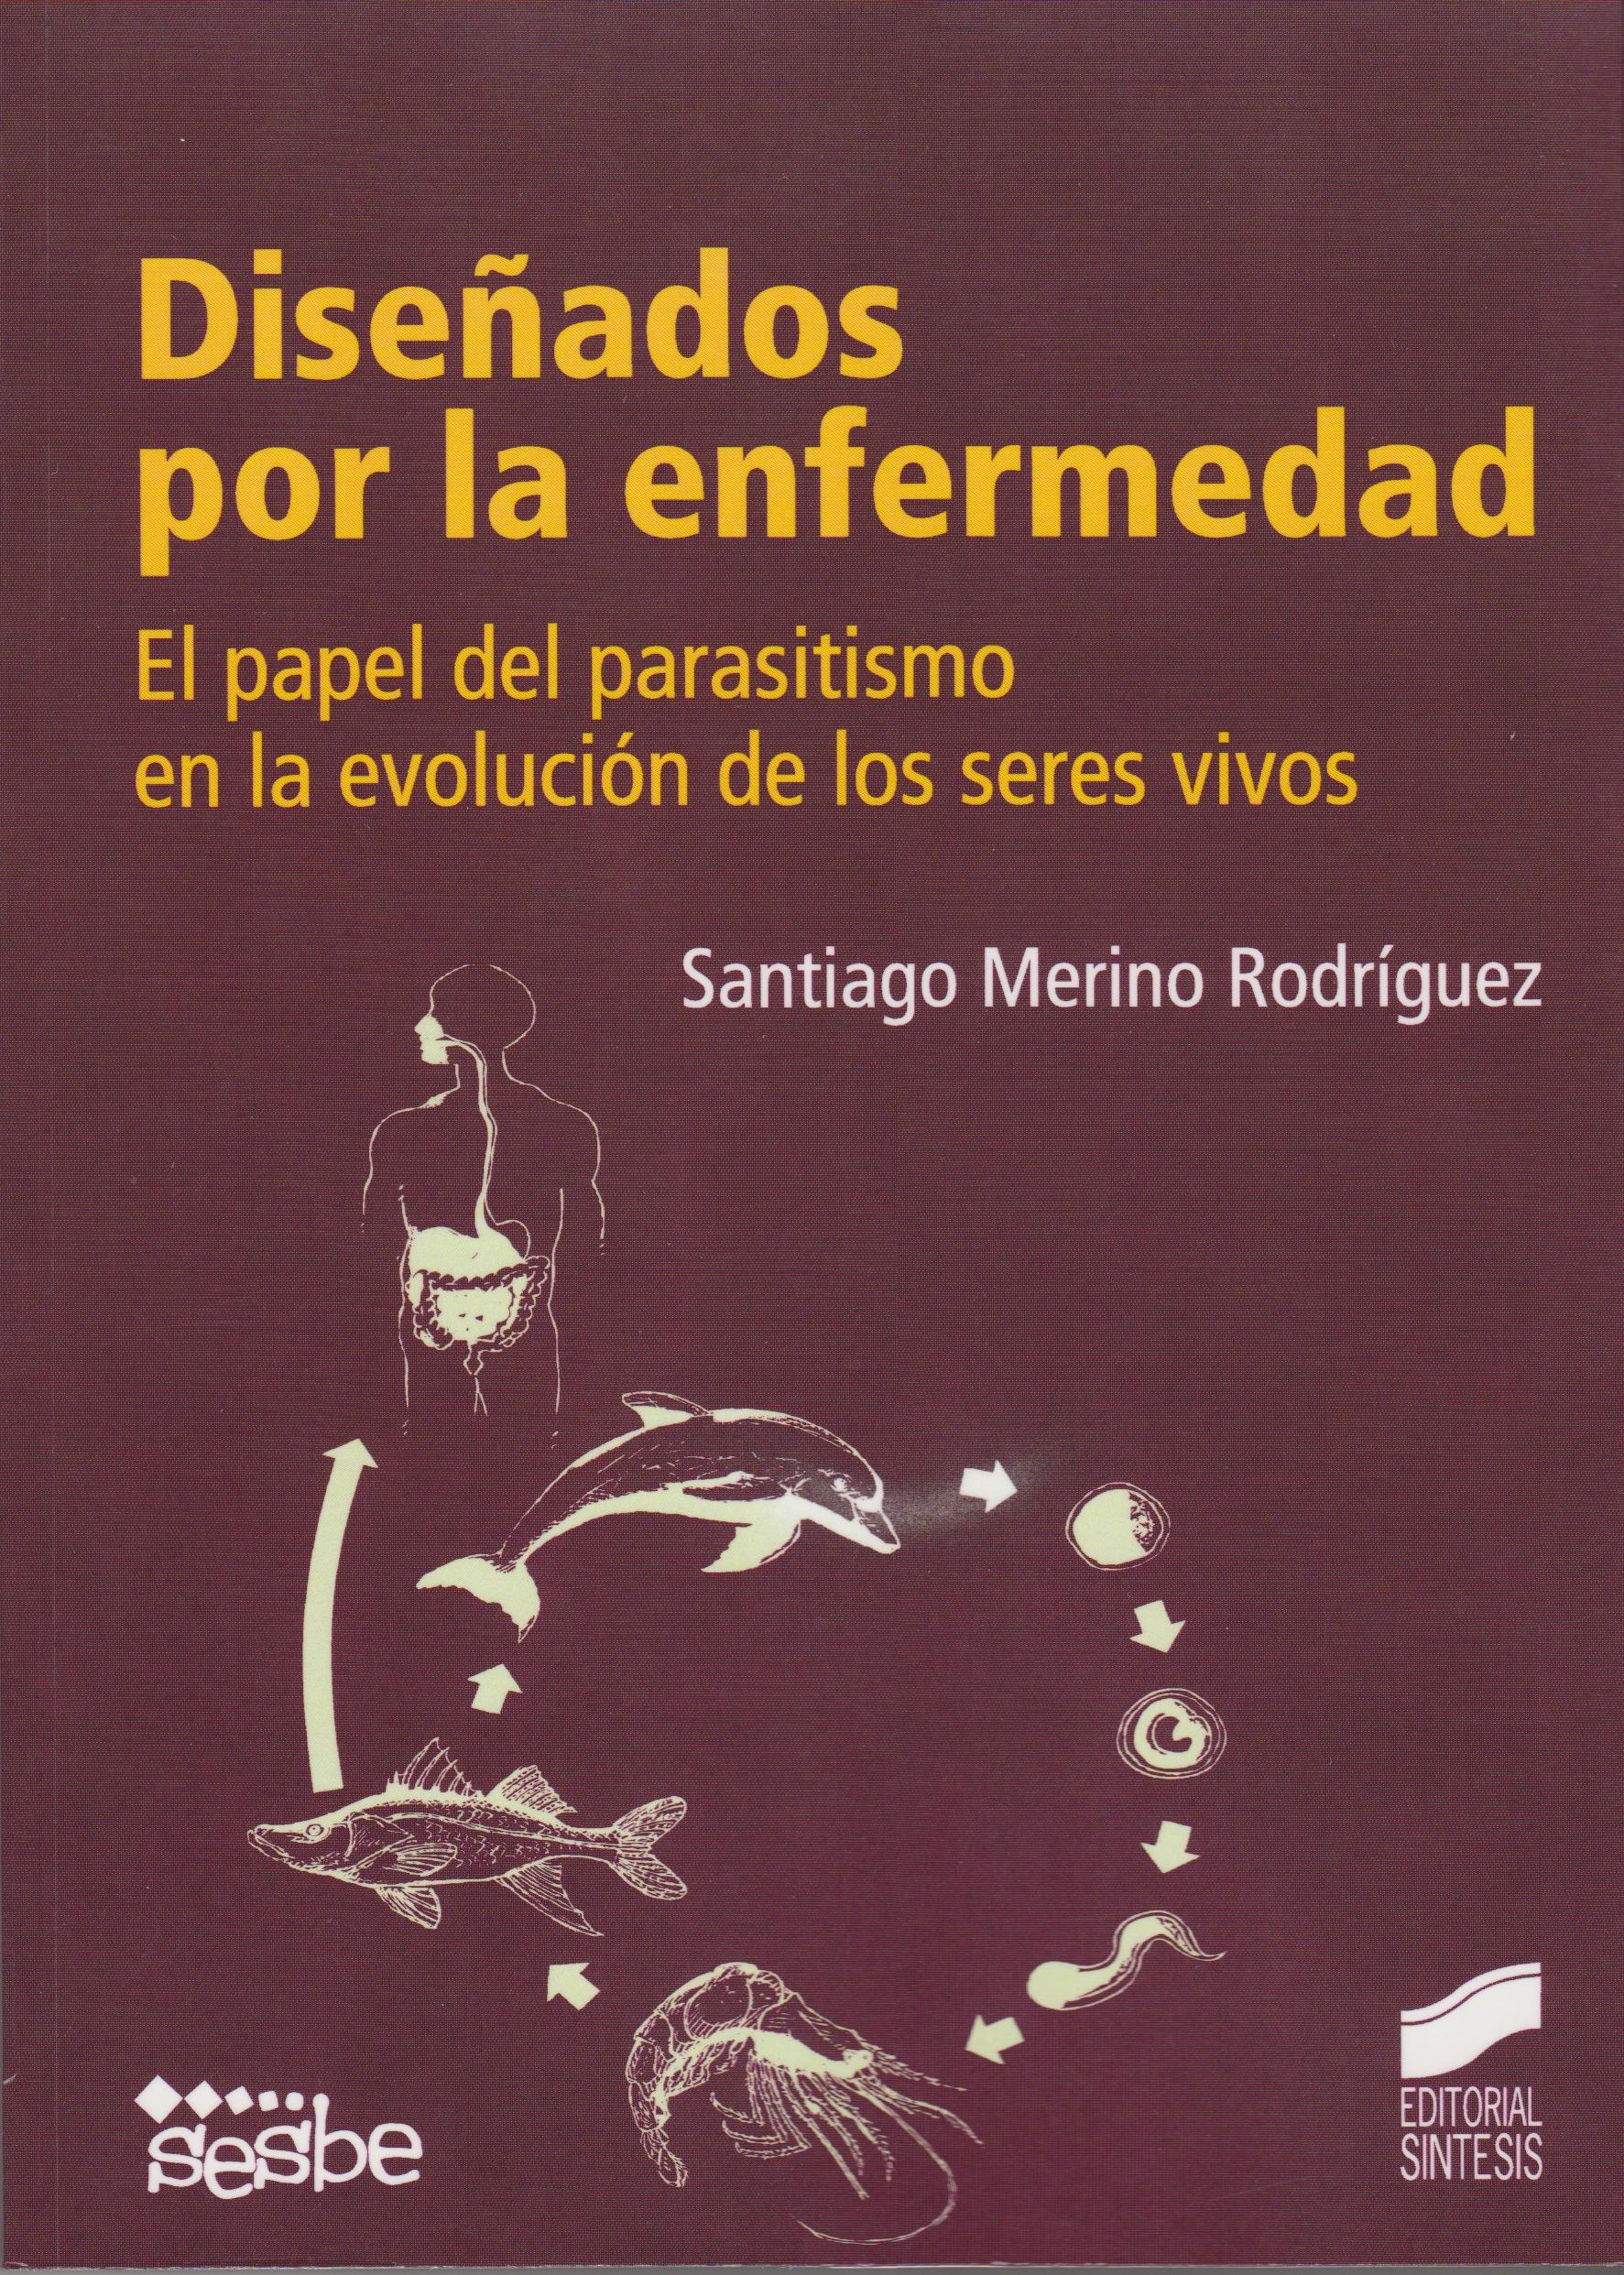 http://www.mncn.csic.es/docs/repositorio//es_ES//investigacion/Ecologia_evolutiva/Merino_S/portada.jpeg